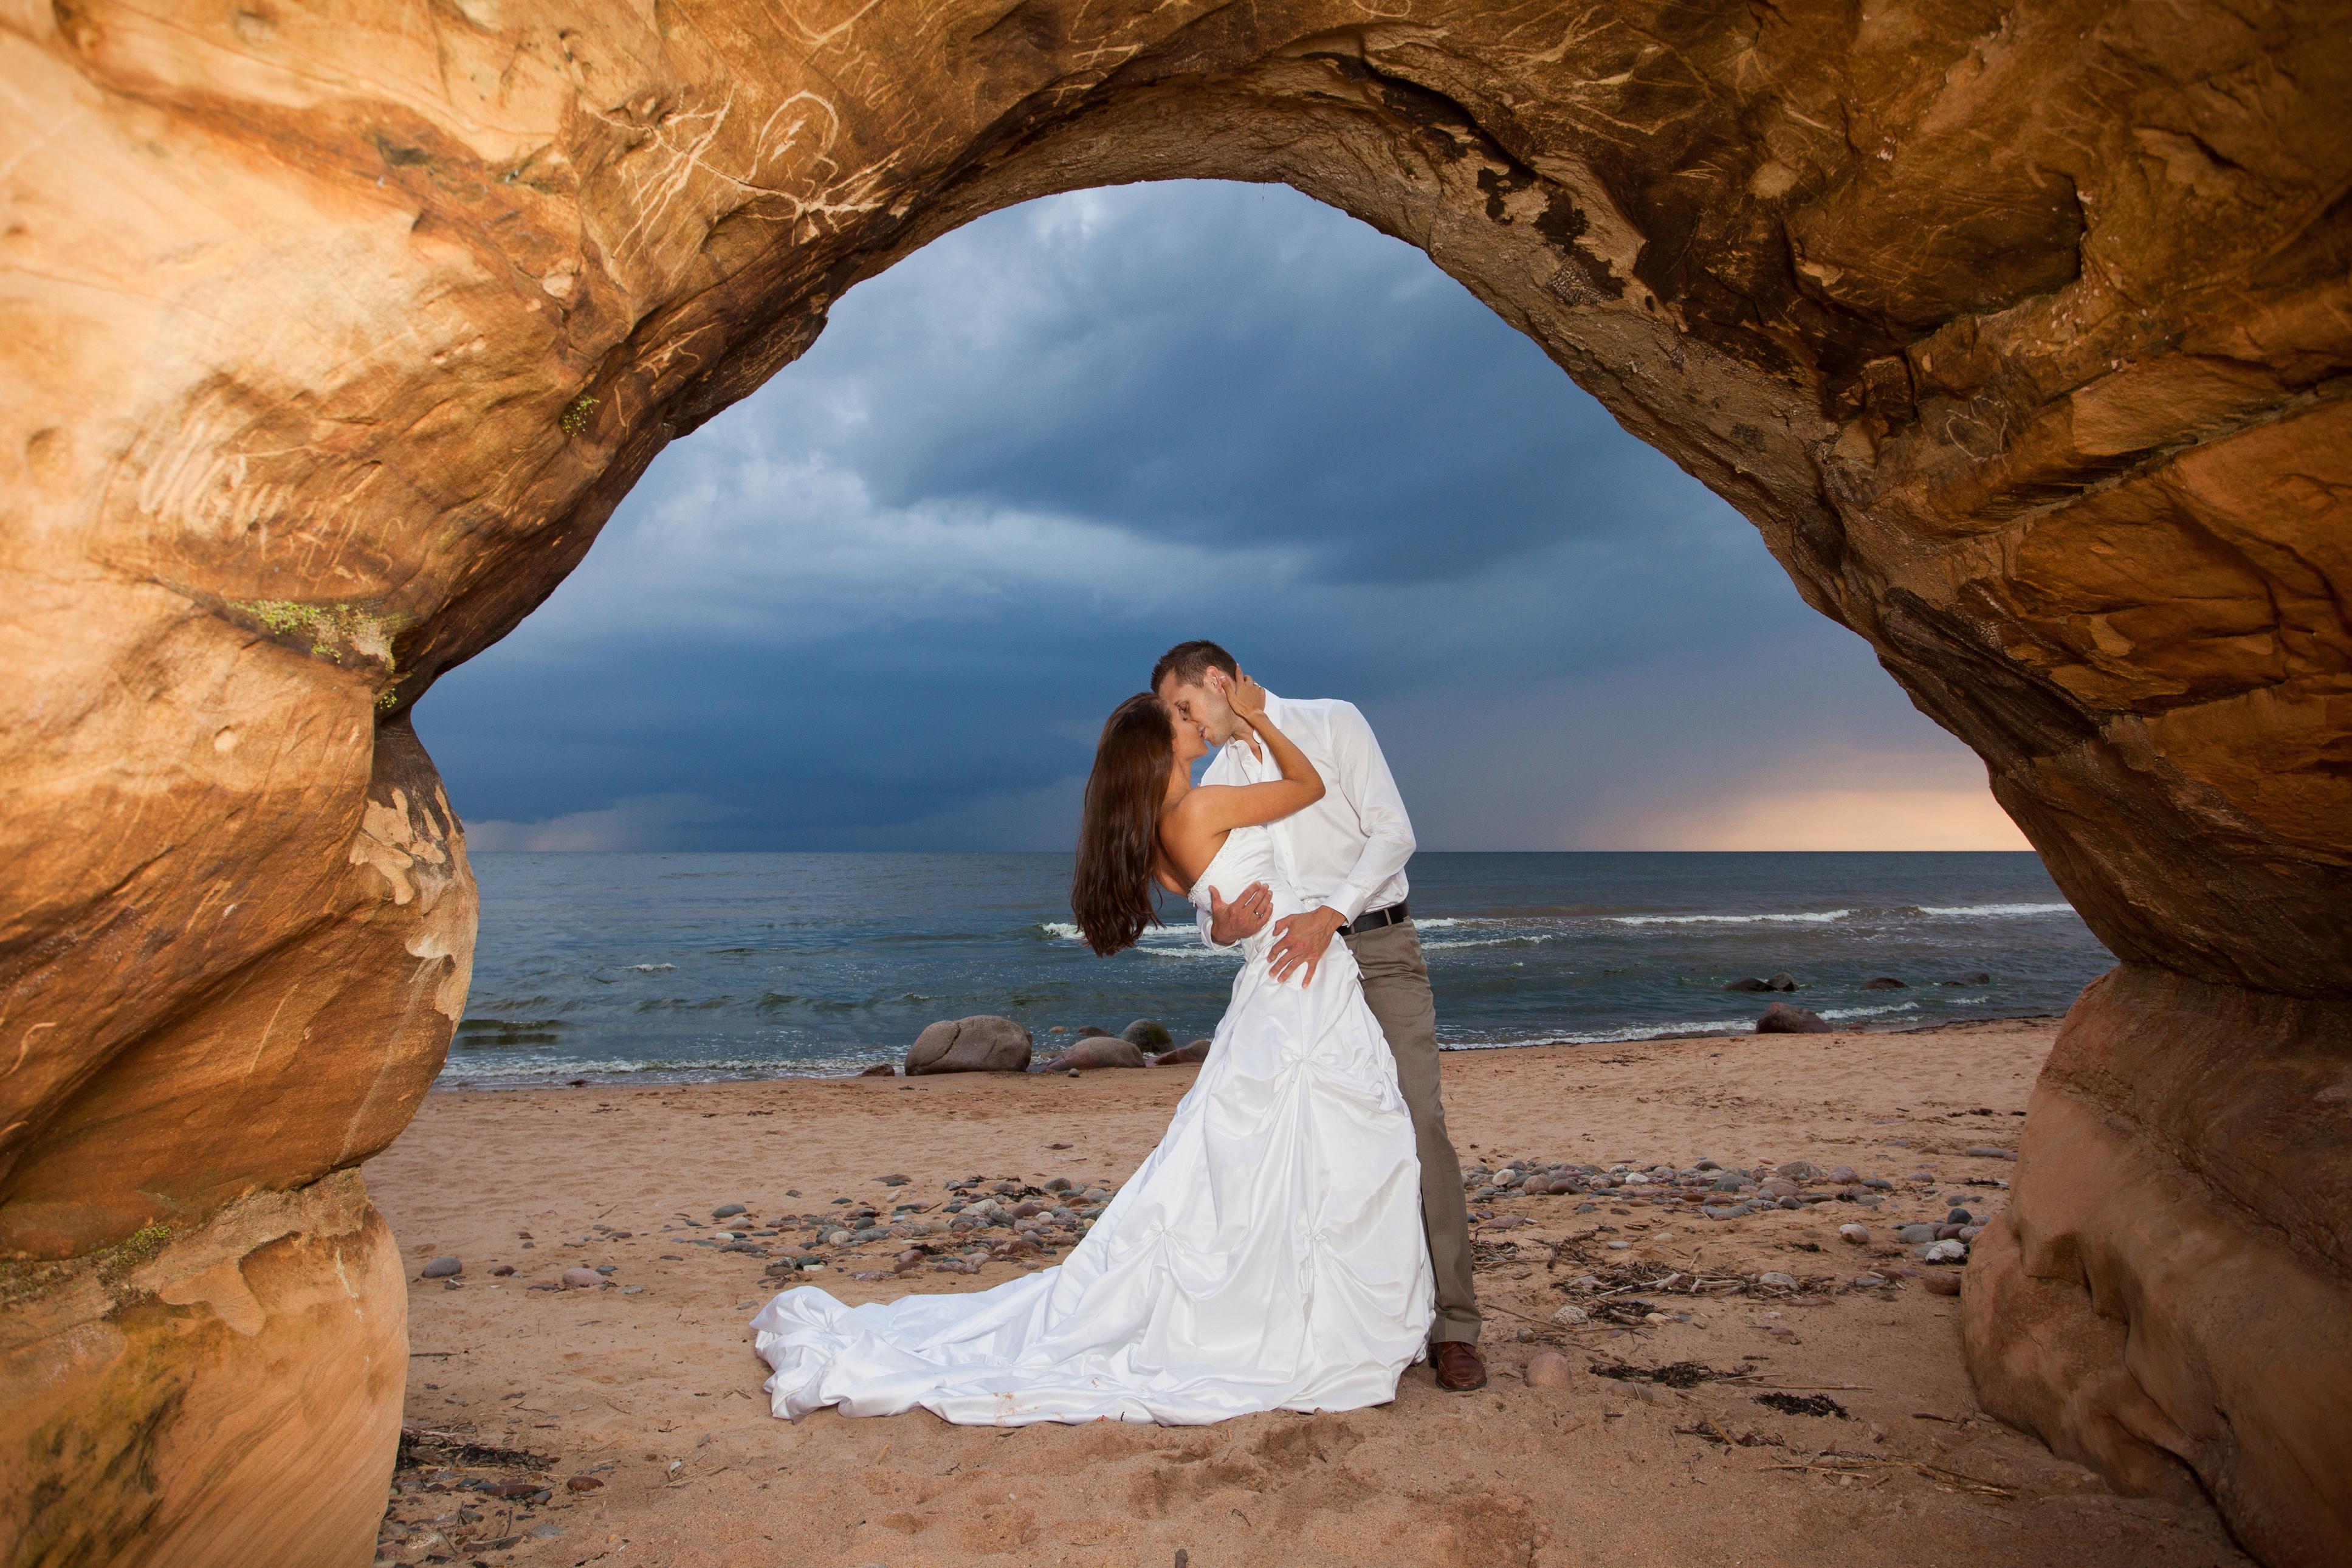 Гифки смотреть, картинки любви и свадьбы